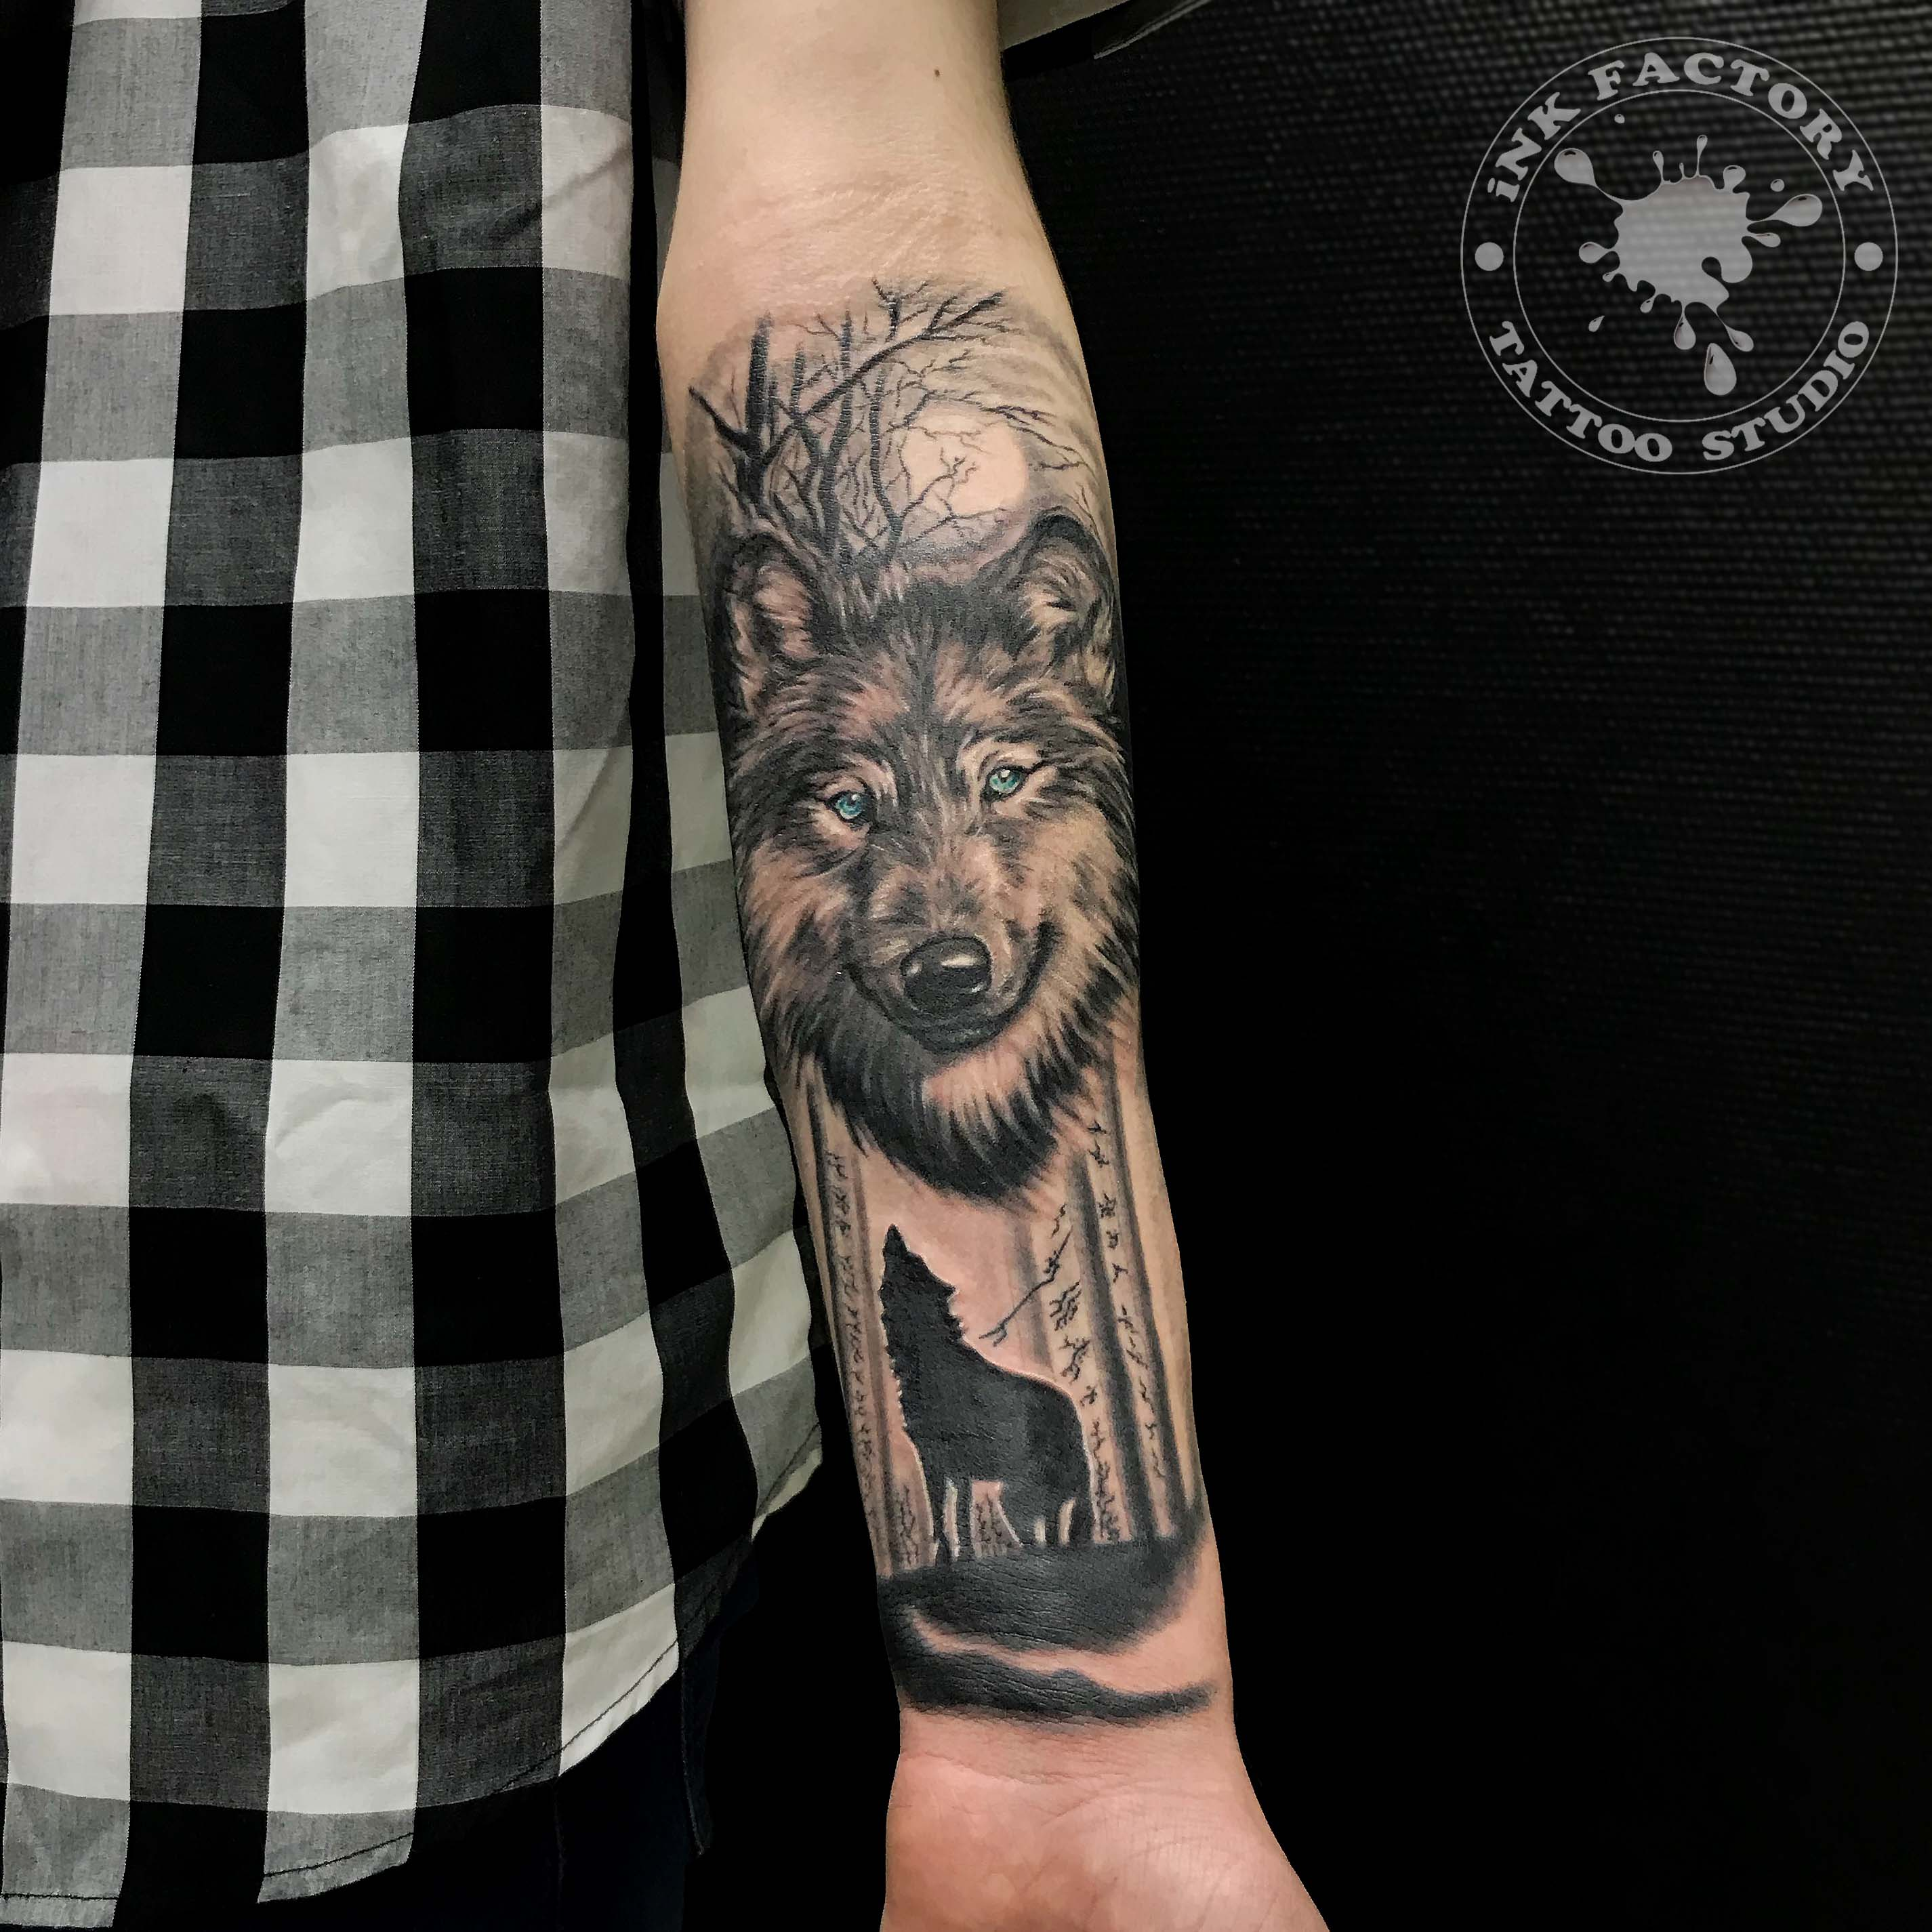 Волк в лесу - сделано в InkFactory